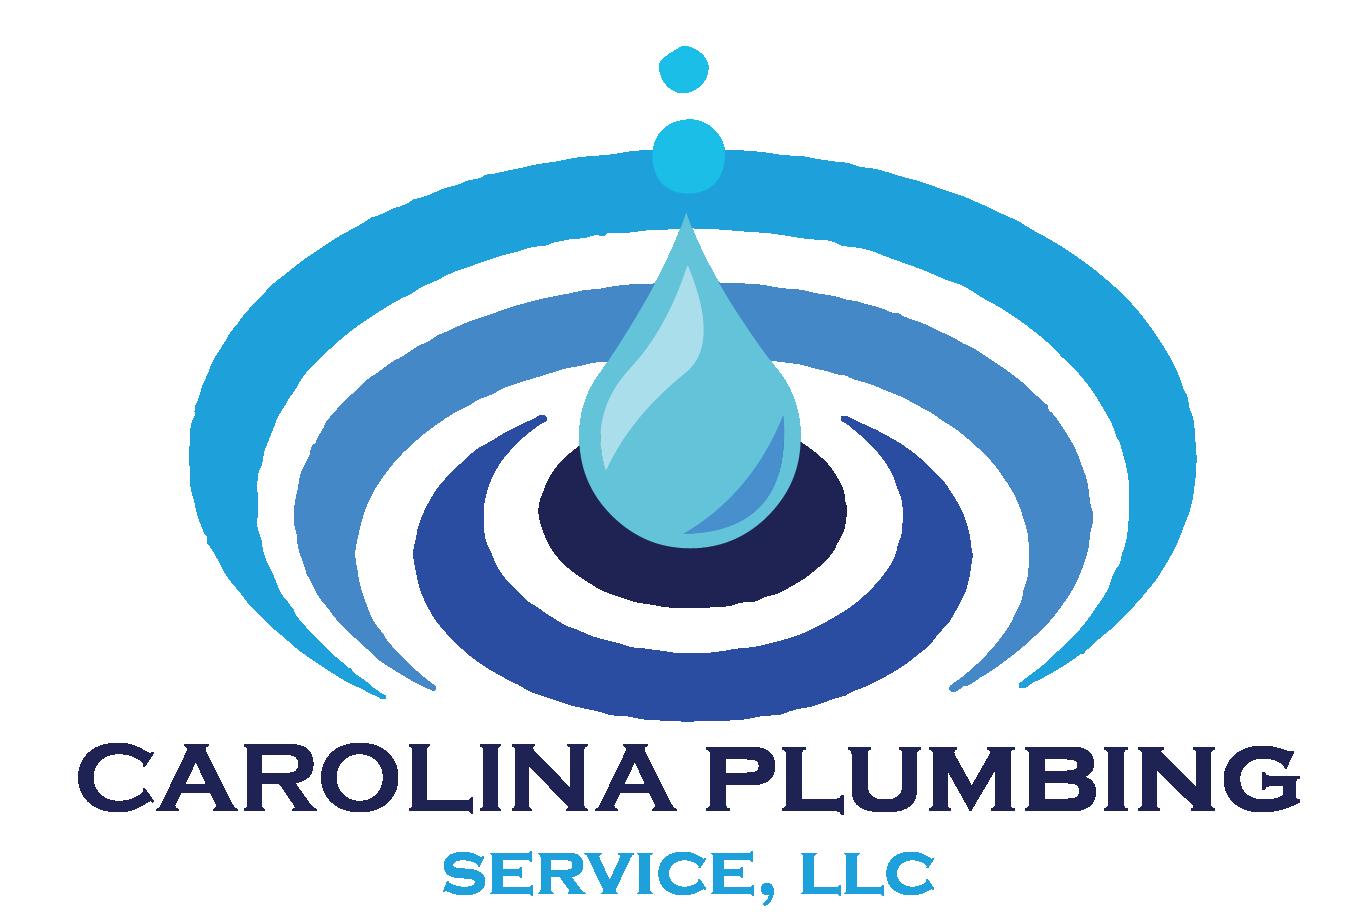 Carolina Plumbing Service